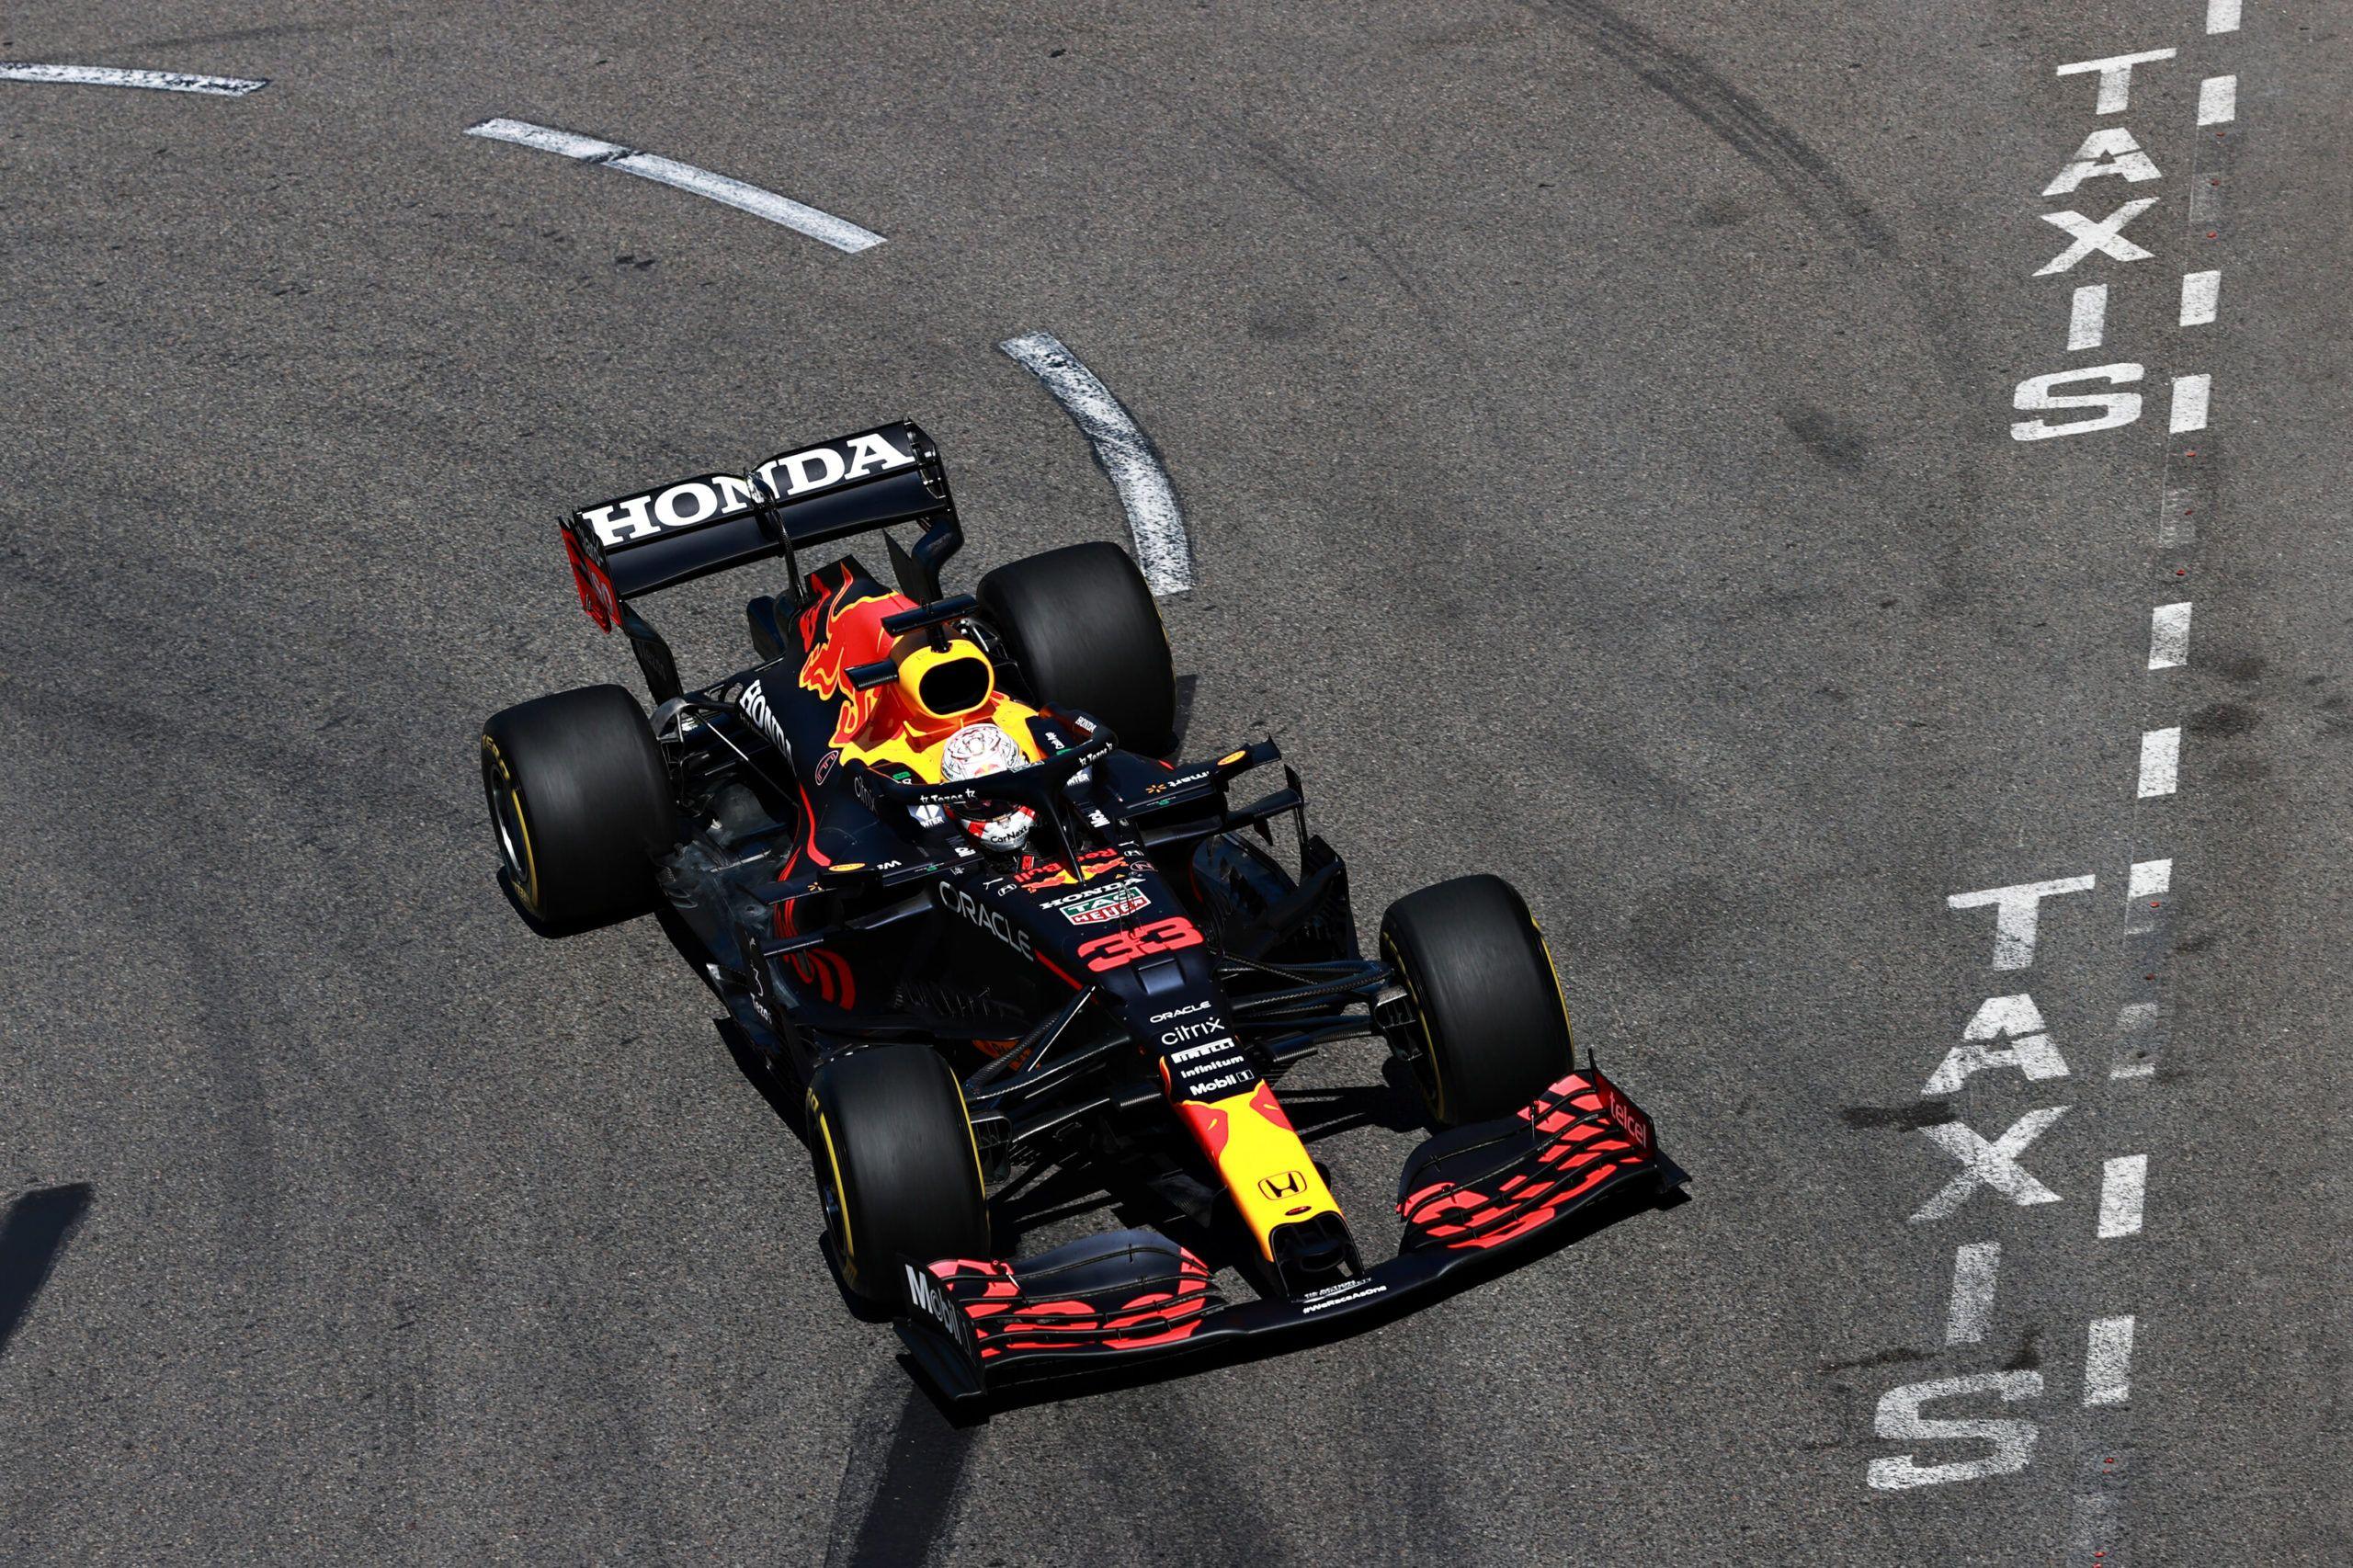 F1, Moncaco GP, Max Verstappen